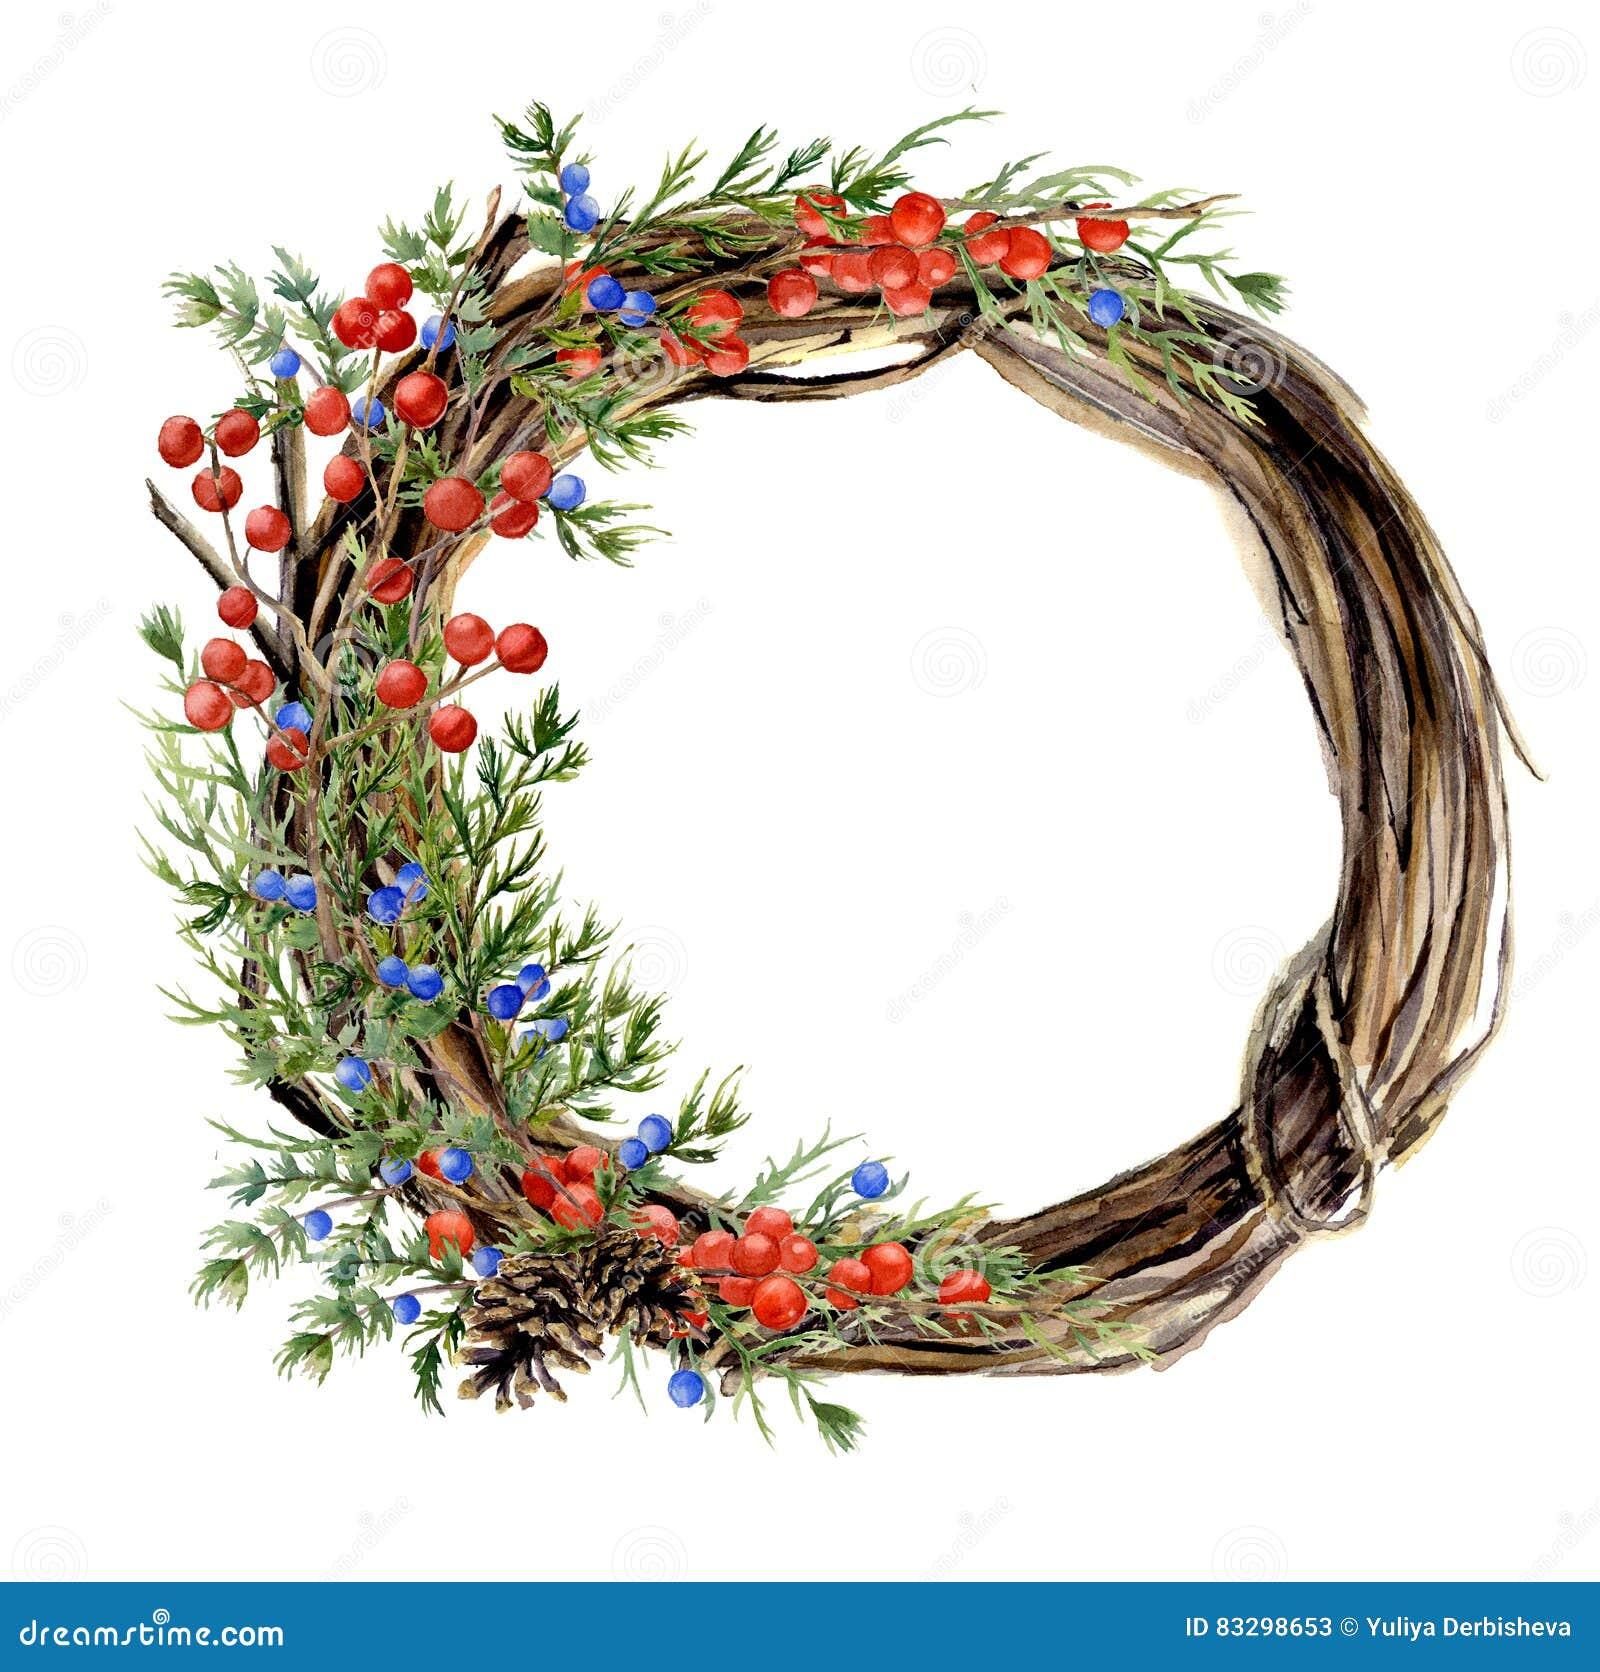 Kroon van de waterverf de hand geschilderde winter van takje Houten kroon met rode en blauwe de winterbessen en jeneverbes naught